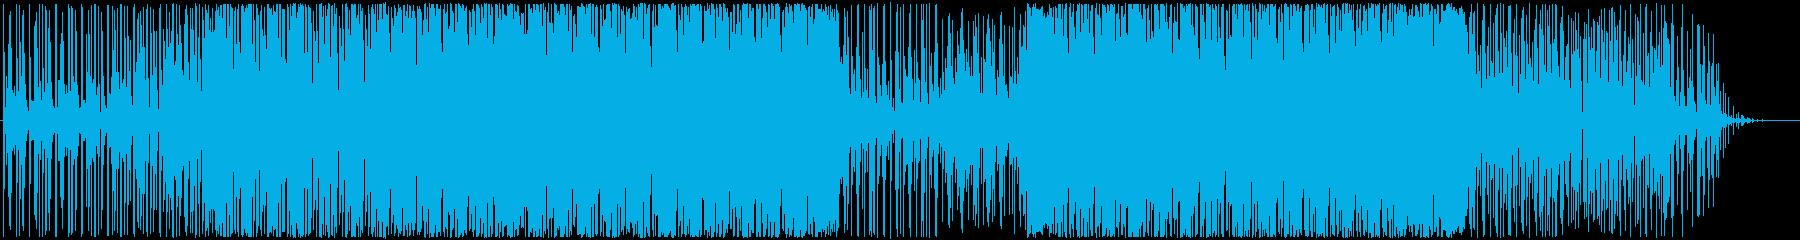 ちょっぴりレトロな近未来・テクノBGMの再生済みの波形